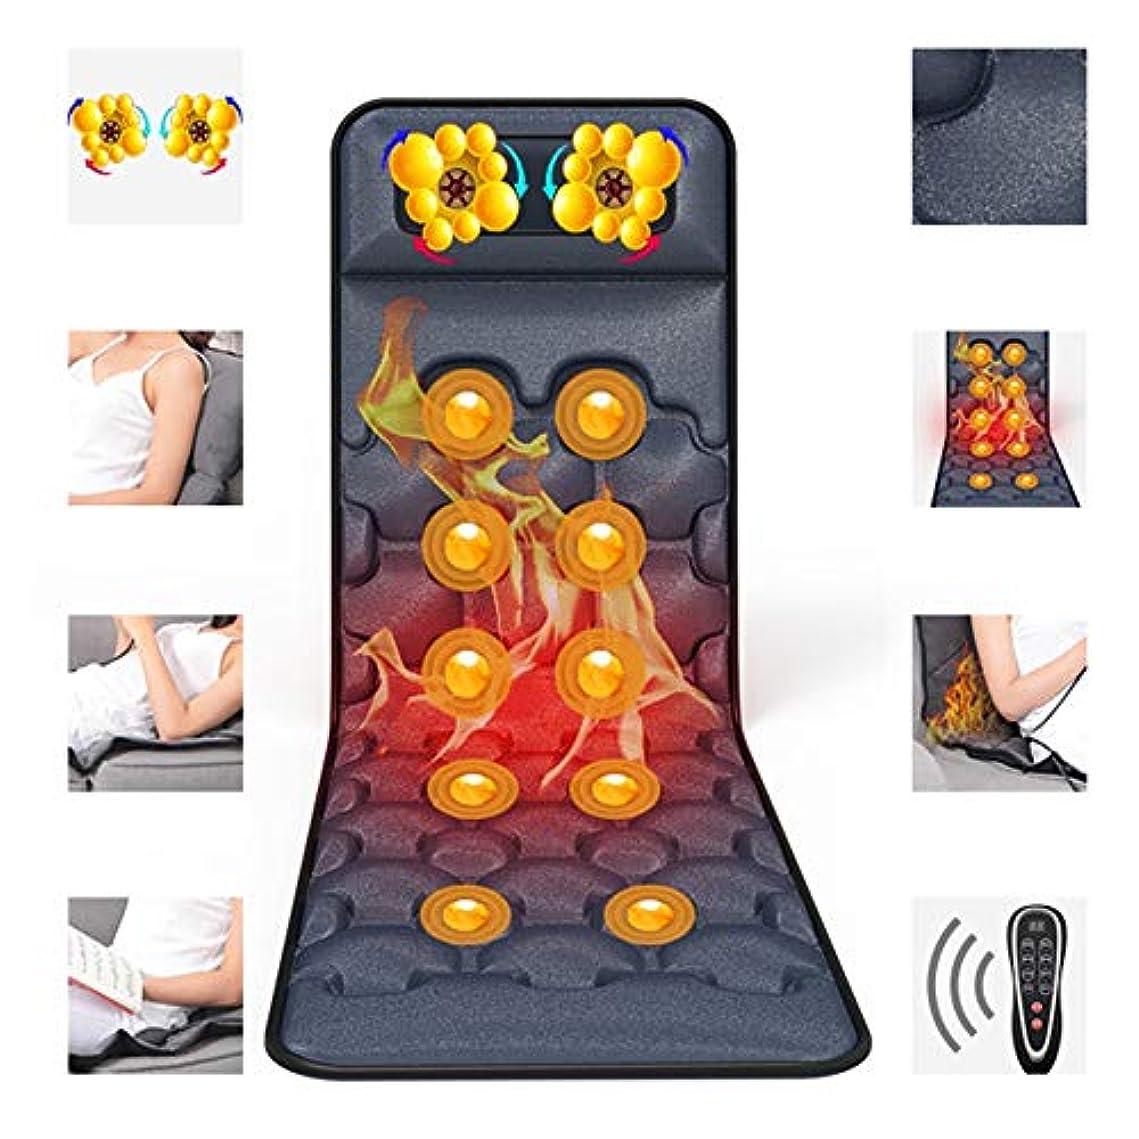 確立変換する無力アッパー/腰腰下肢の痛みを軽減するピンポイントマッサージ用パッドのマッサージマットマットレス多機能暖房セラピーマッサージマッサージフルボディ、